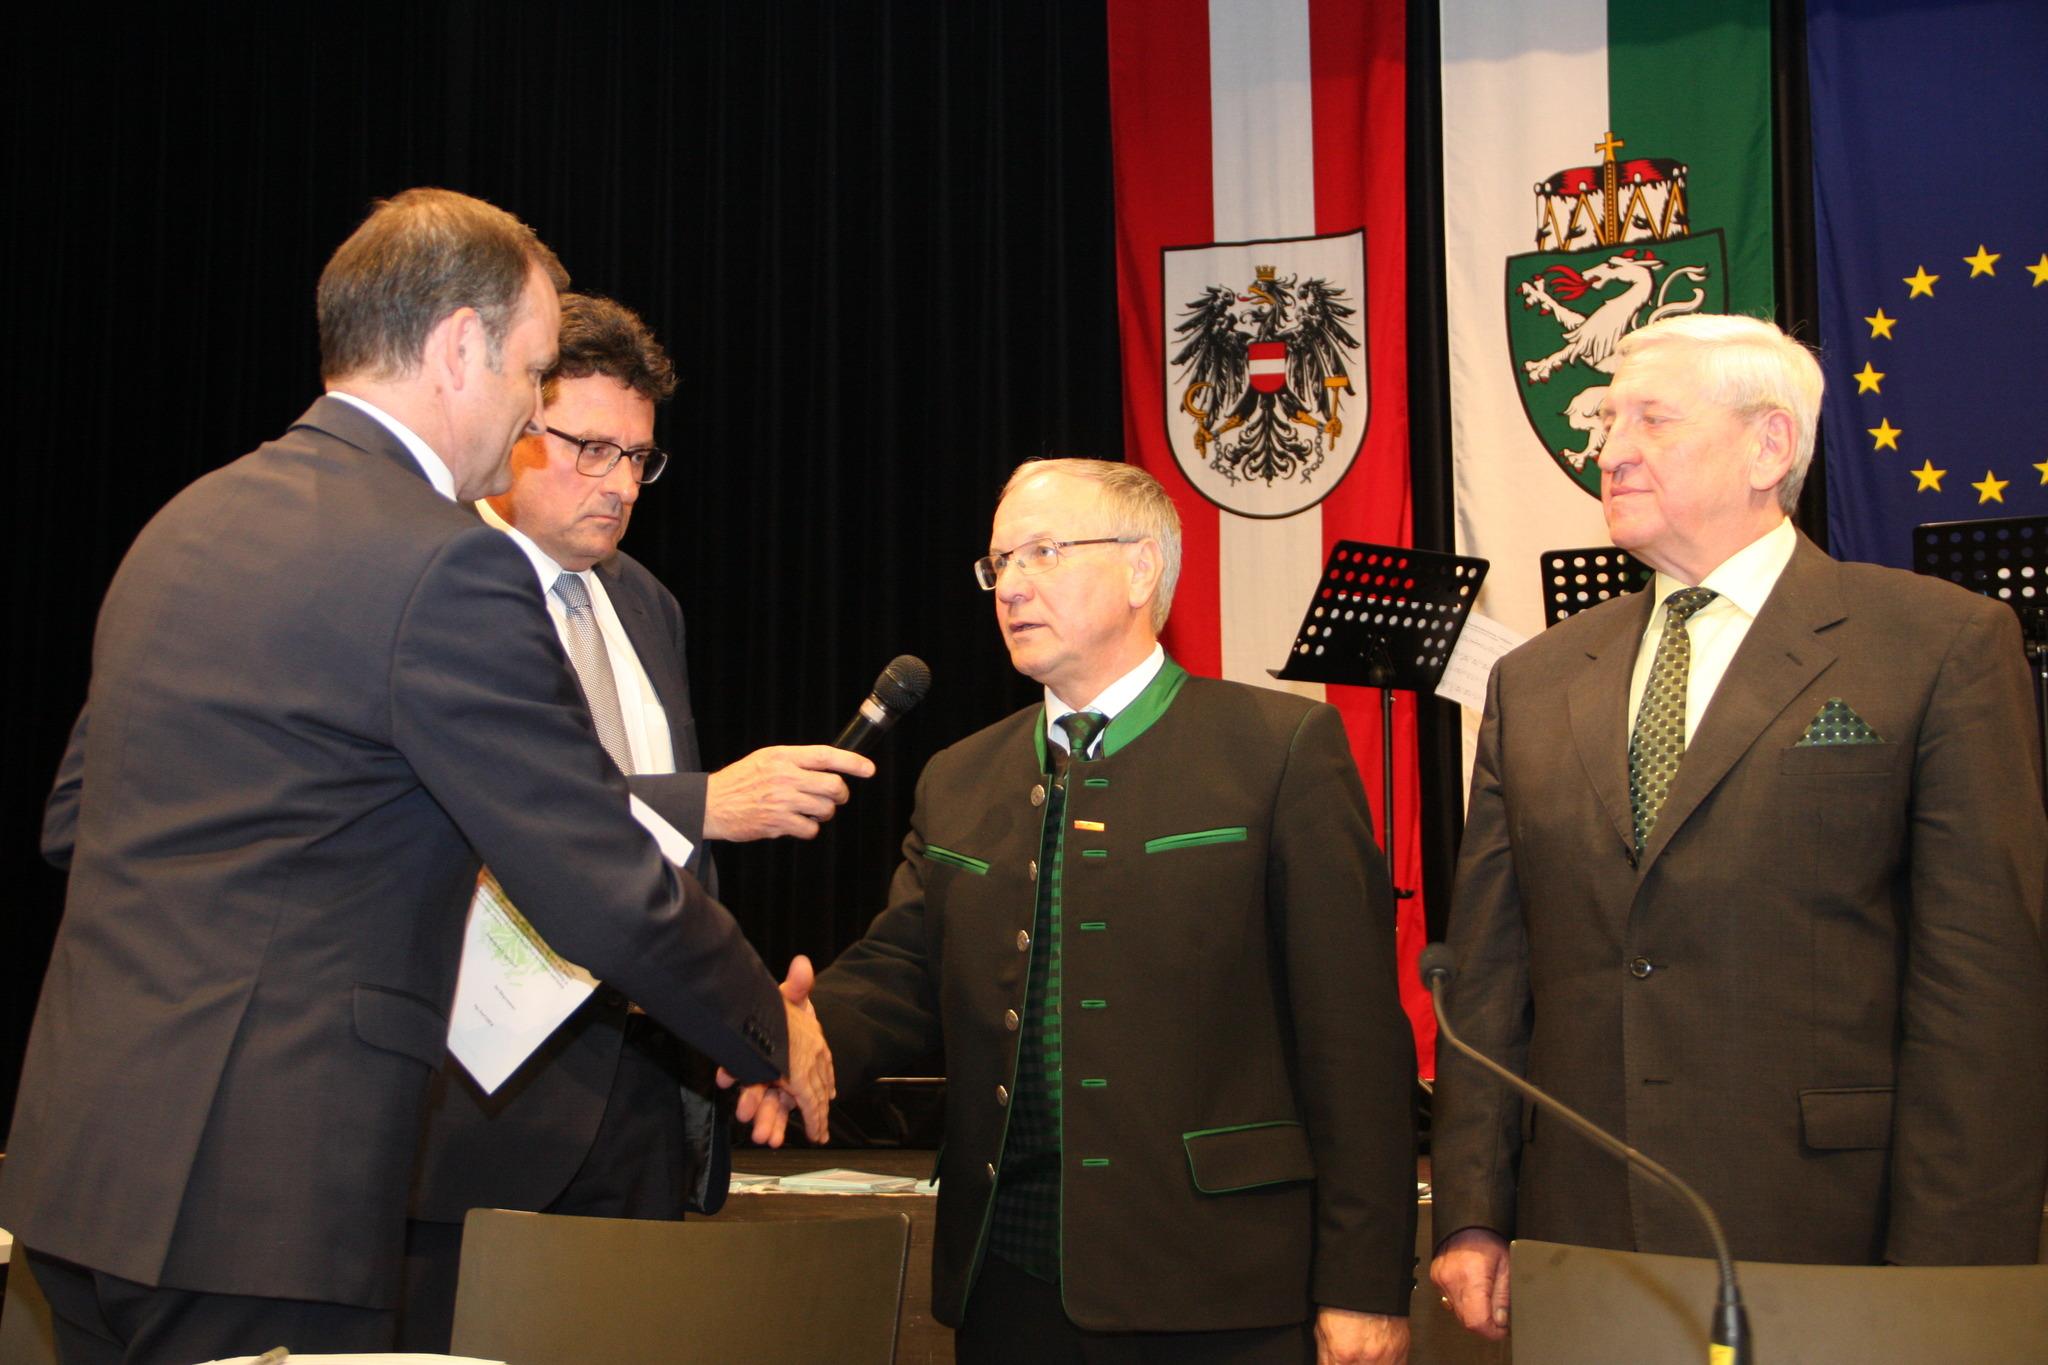 Bad hall singletreff: Kleinanzeigen partnersuche in altlengbach